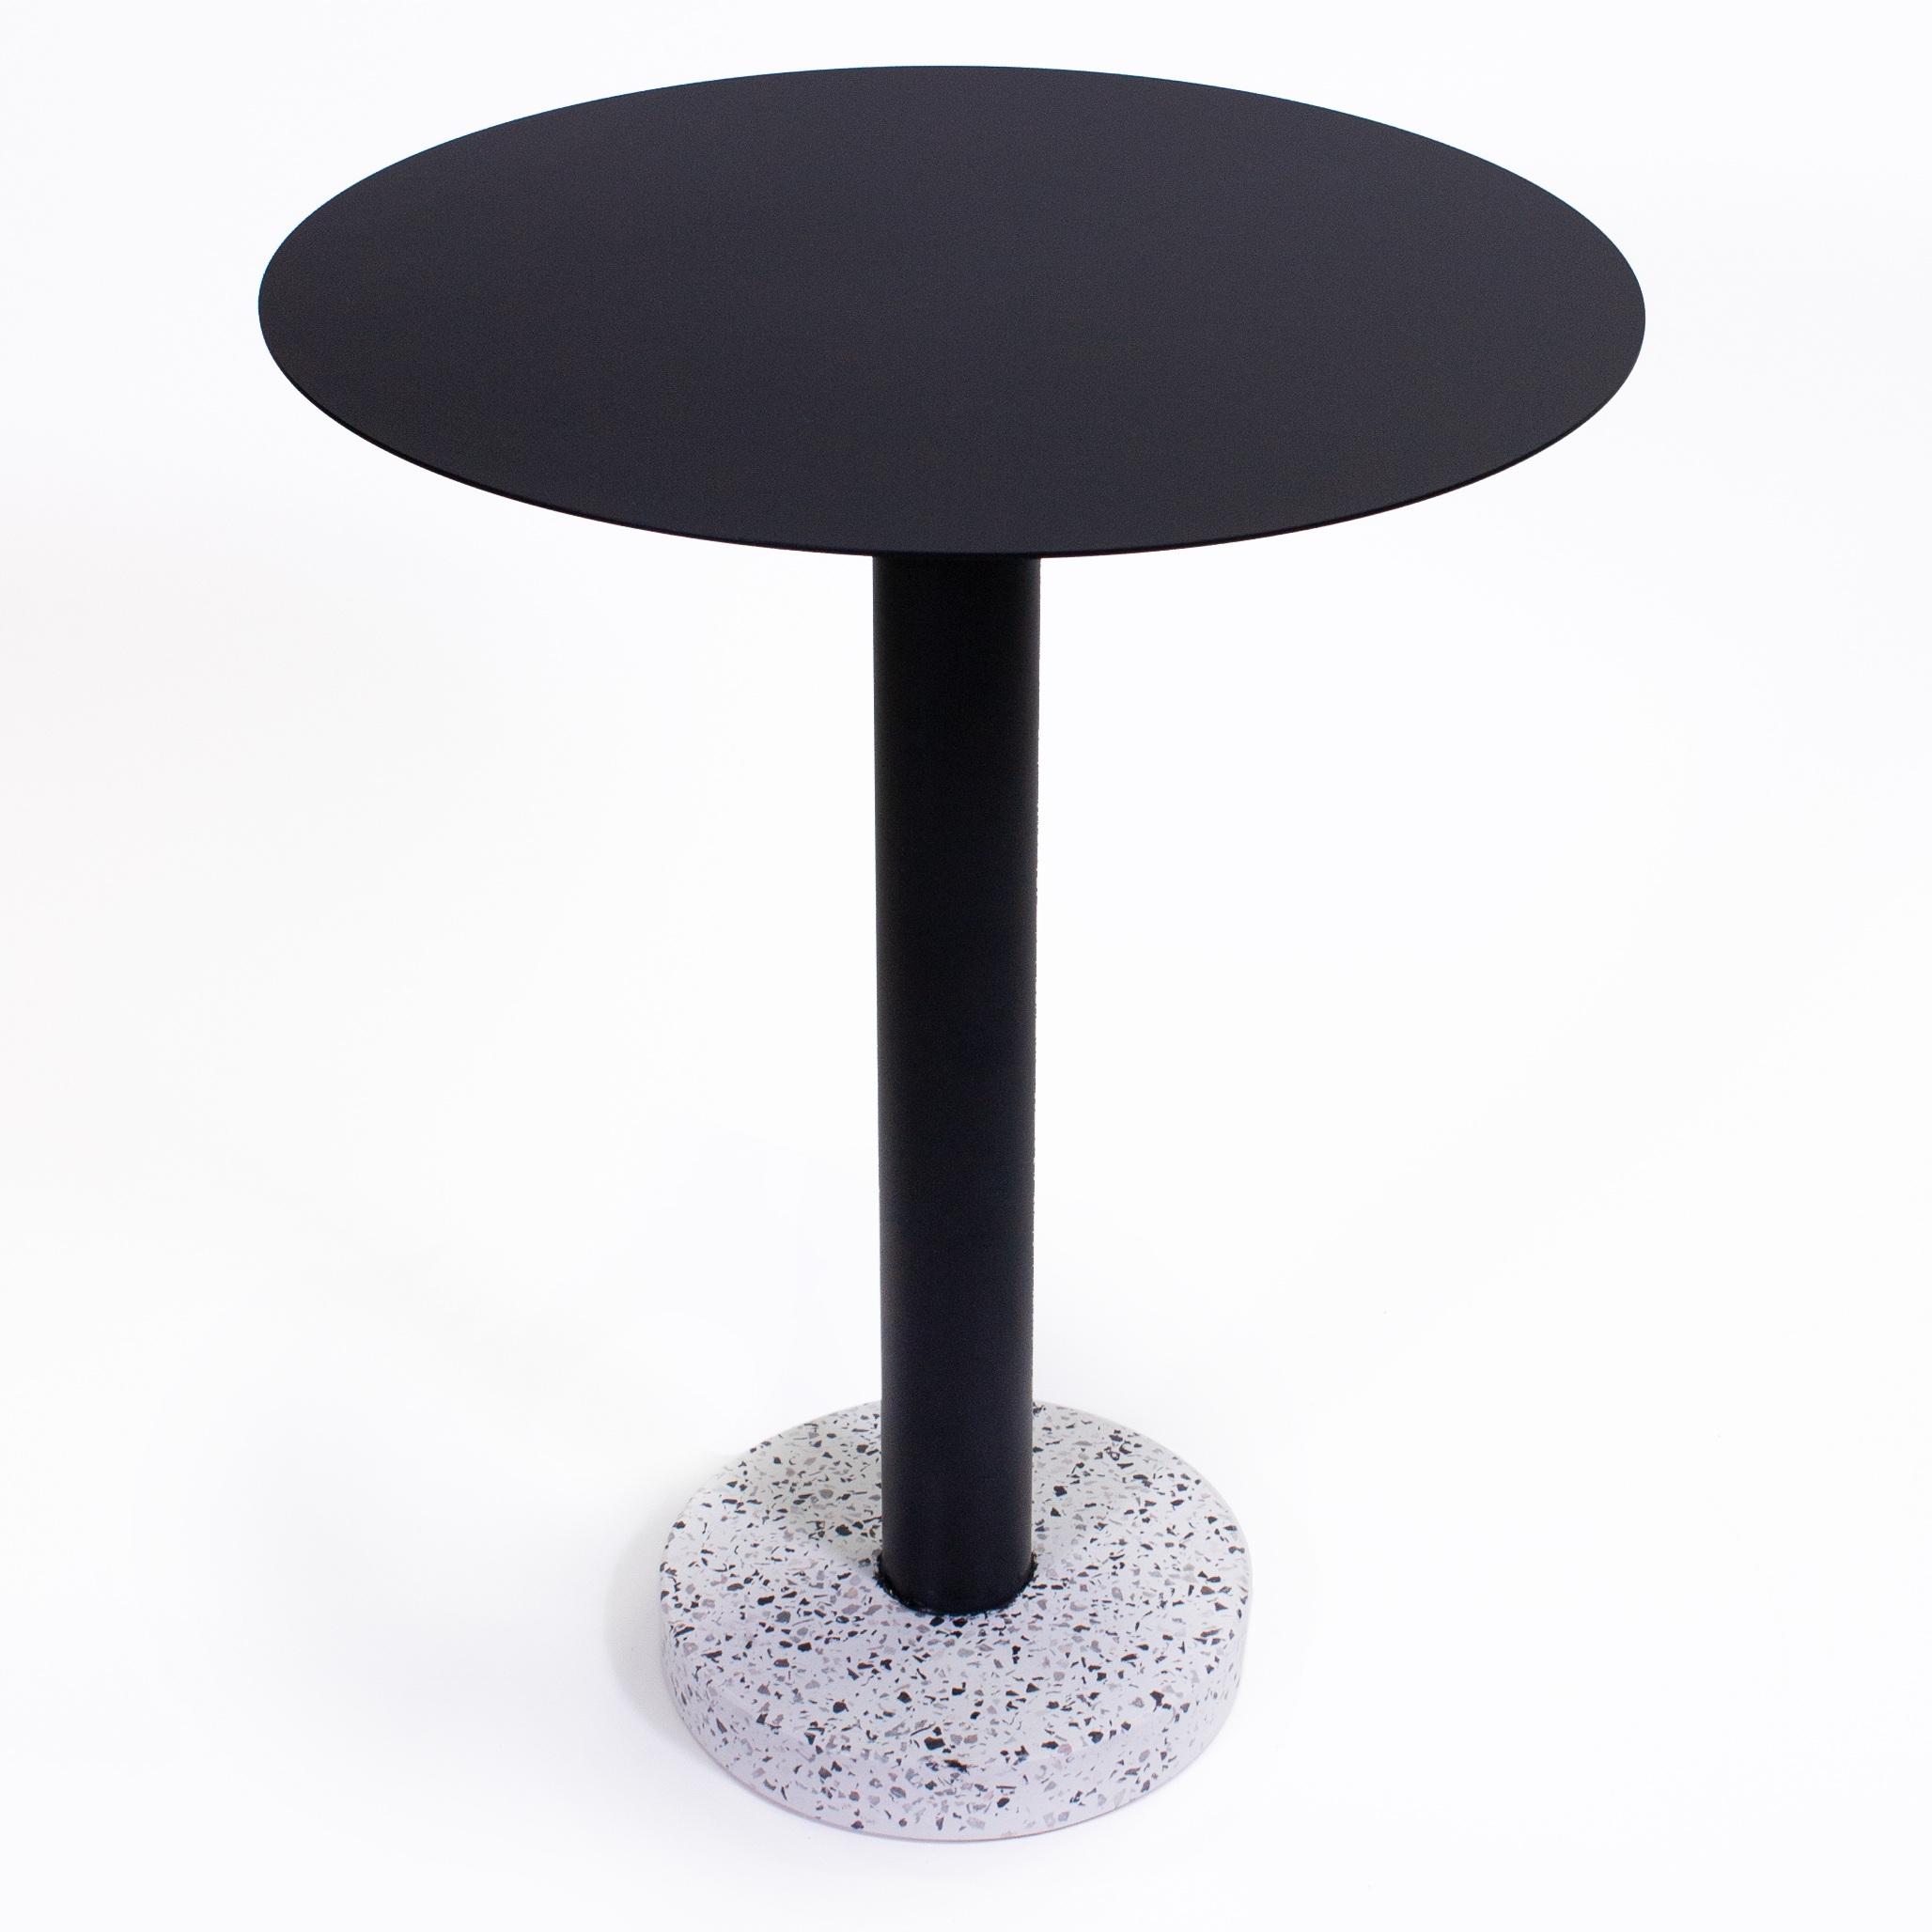 GoodSpec_Cairos_Terra+Dining+Table+Medium+1.jpg